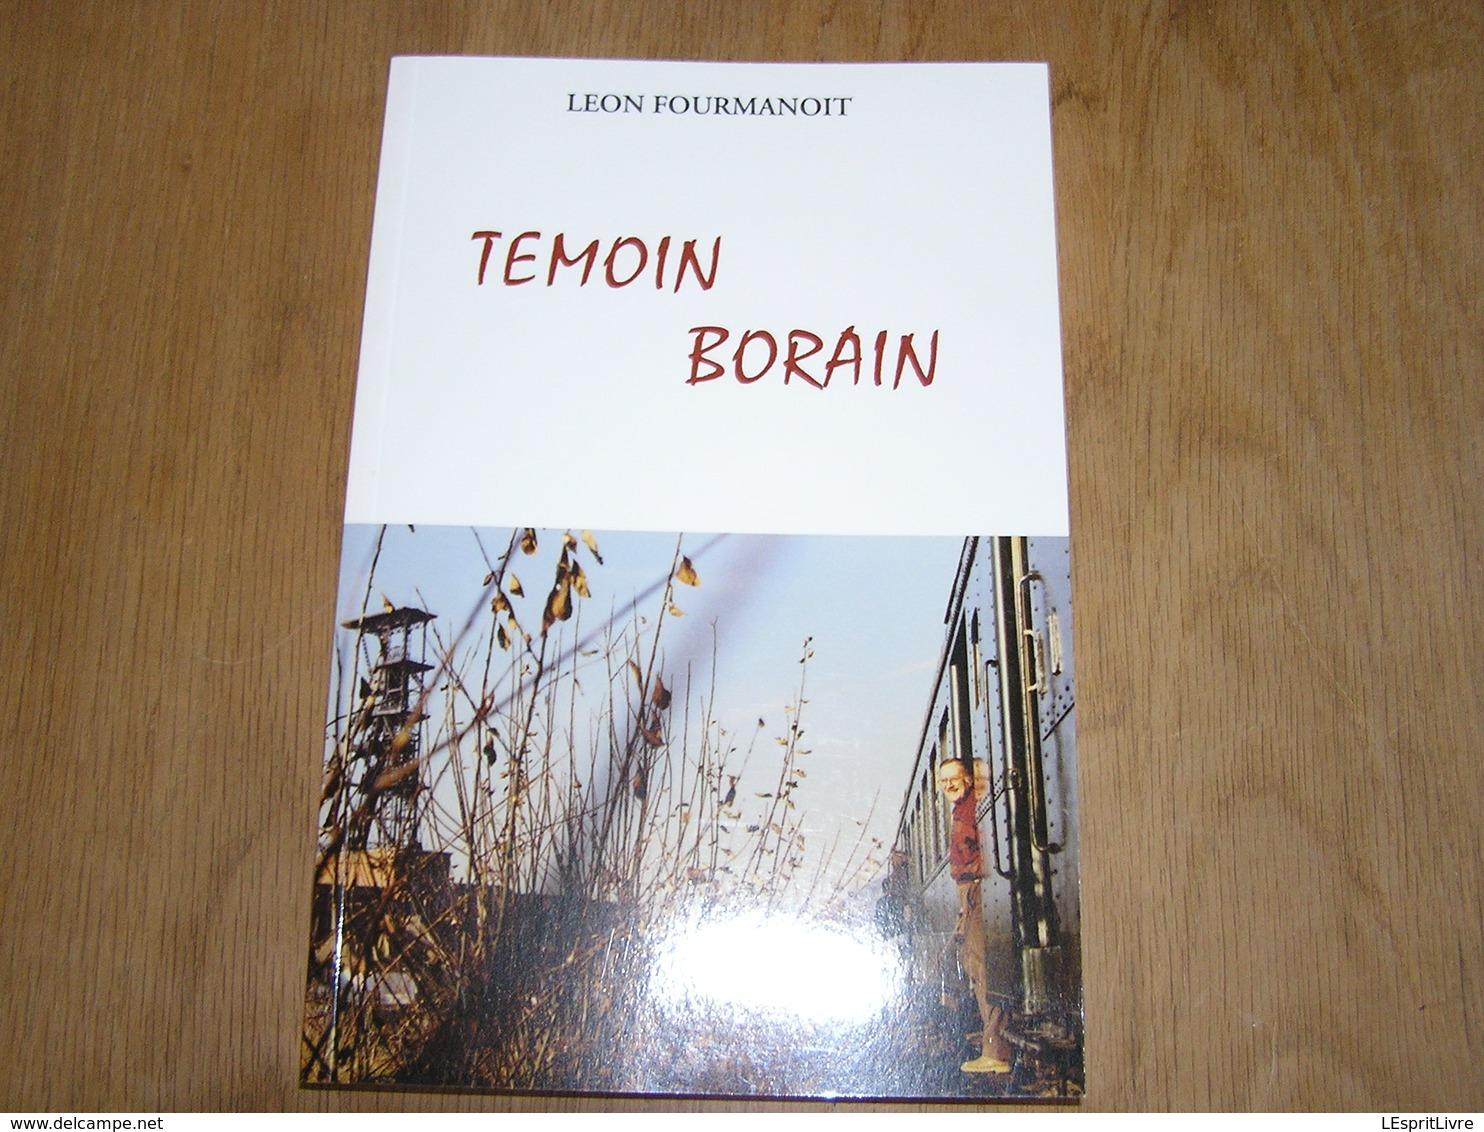 TEMOIN BORAIN Régionalisme Borinage Récits Mineur Mine Guerre 40 45 Bombardements Saint Ghislain Ligne 98 Chemin De Fer - Bélgica